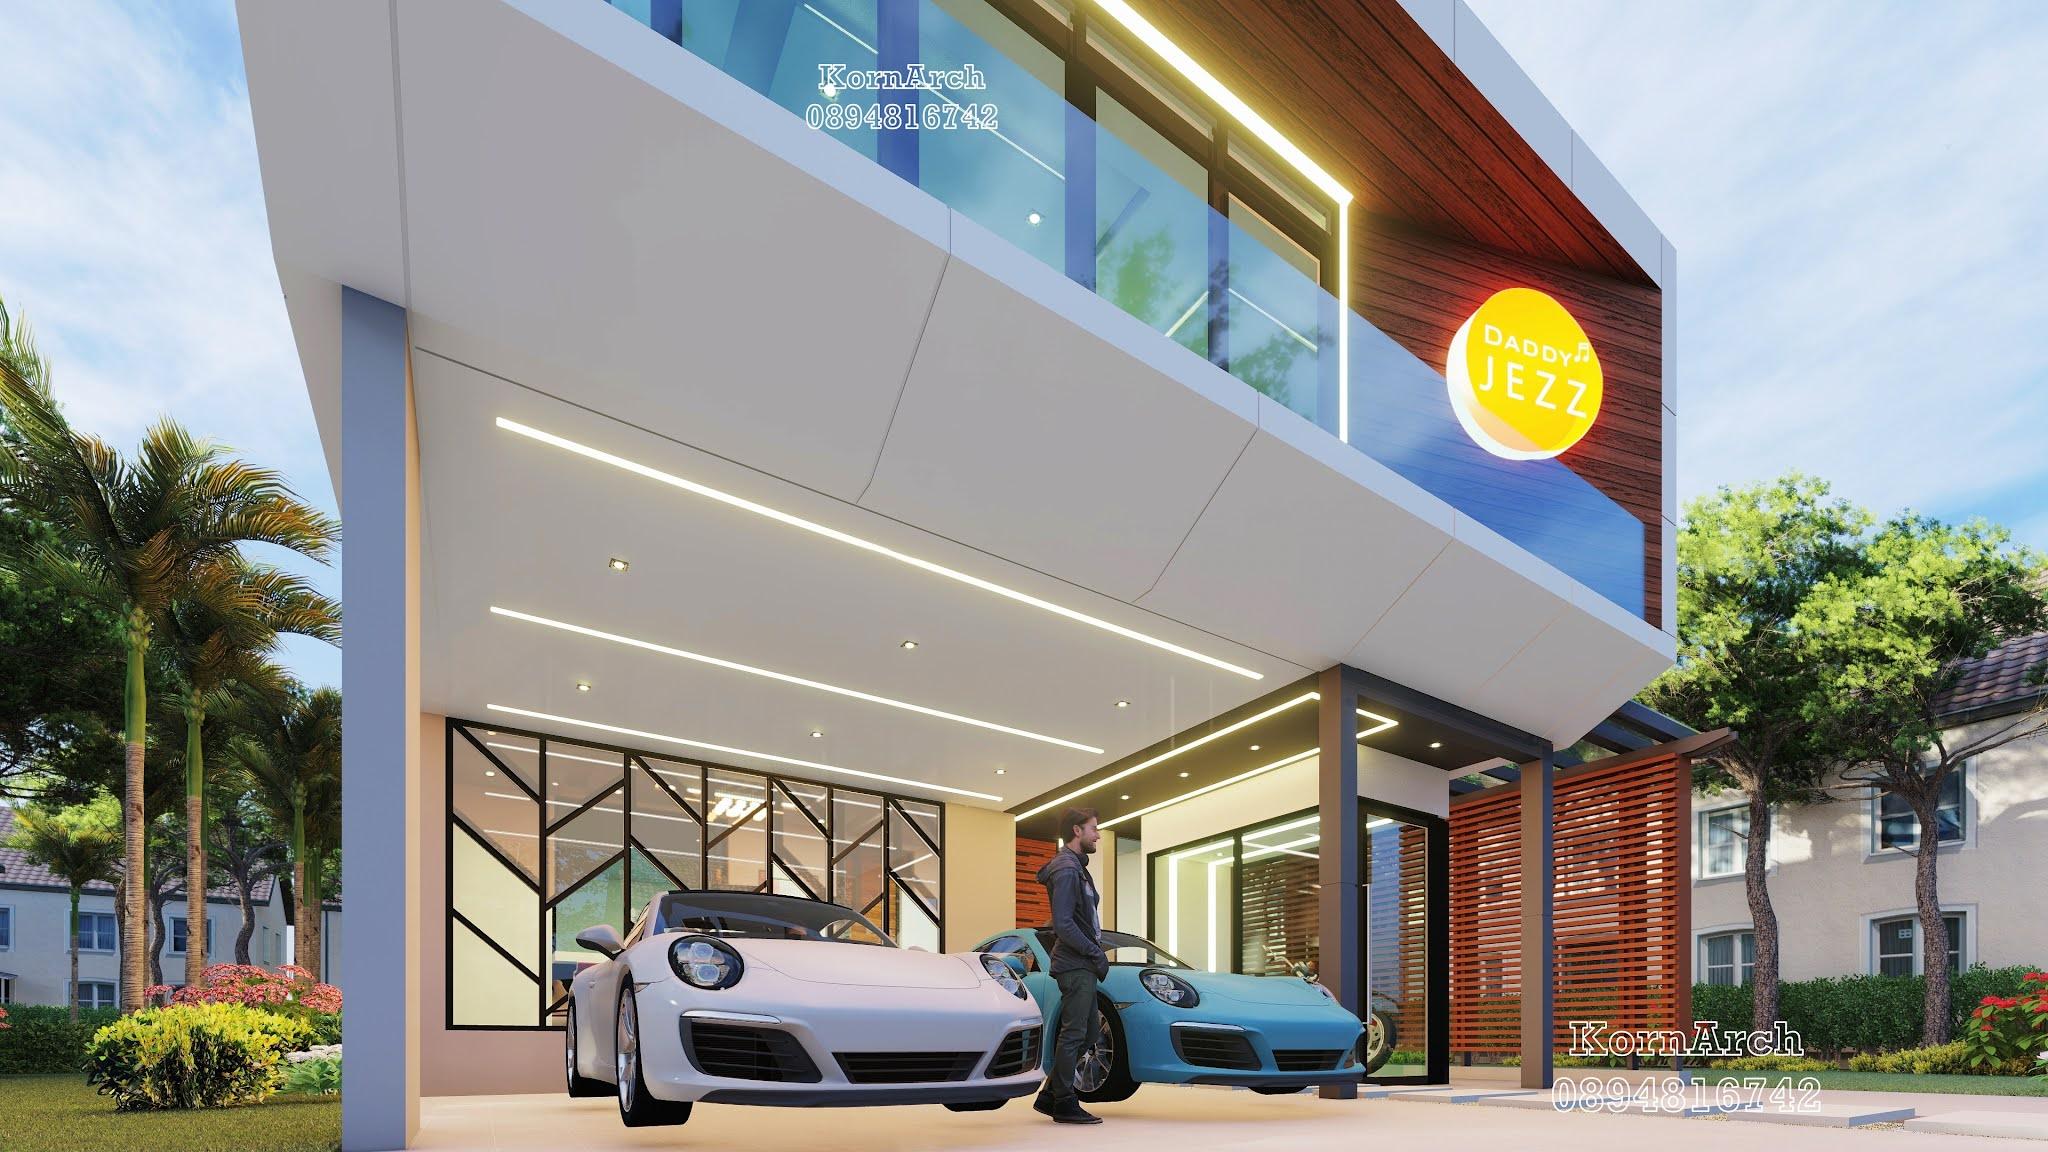 รับออกแบบต่อเติมHomeOffice2ชั้น เจ้าของอาคาร  STUDIO Daddy Jezz  สถานที่ก่อสร้าง  จ.นครราชสีมา